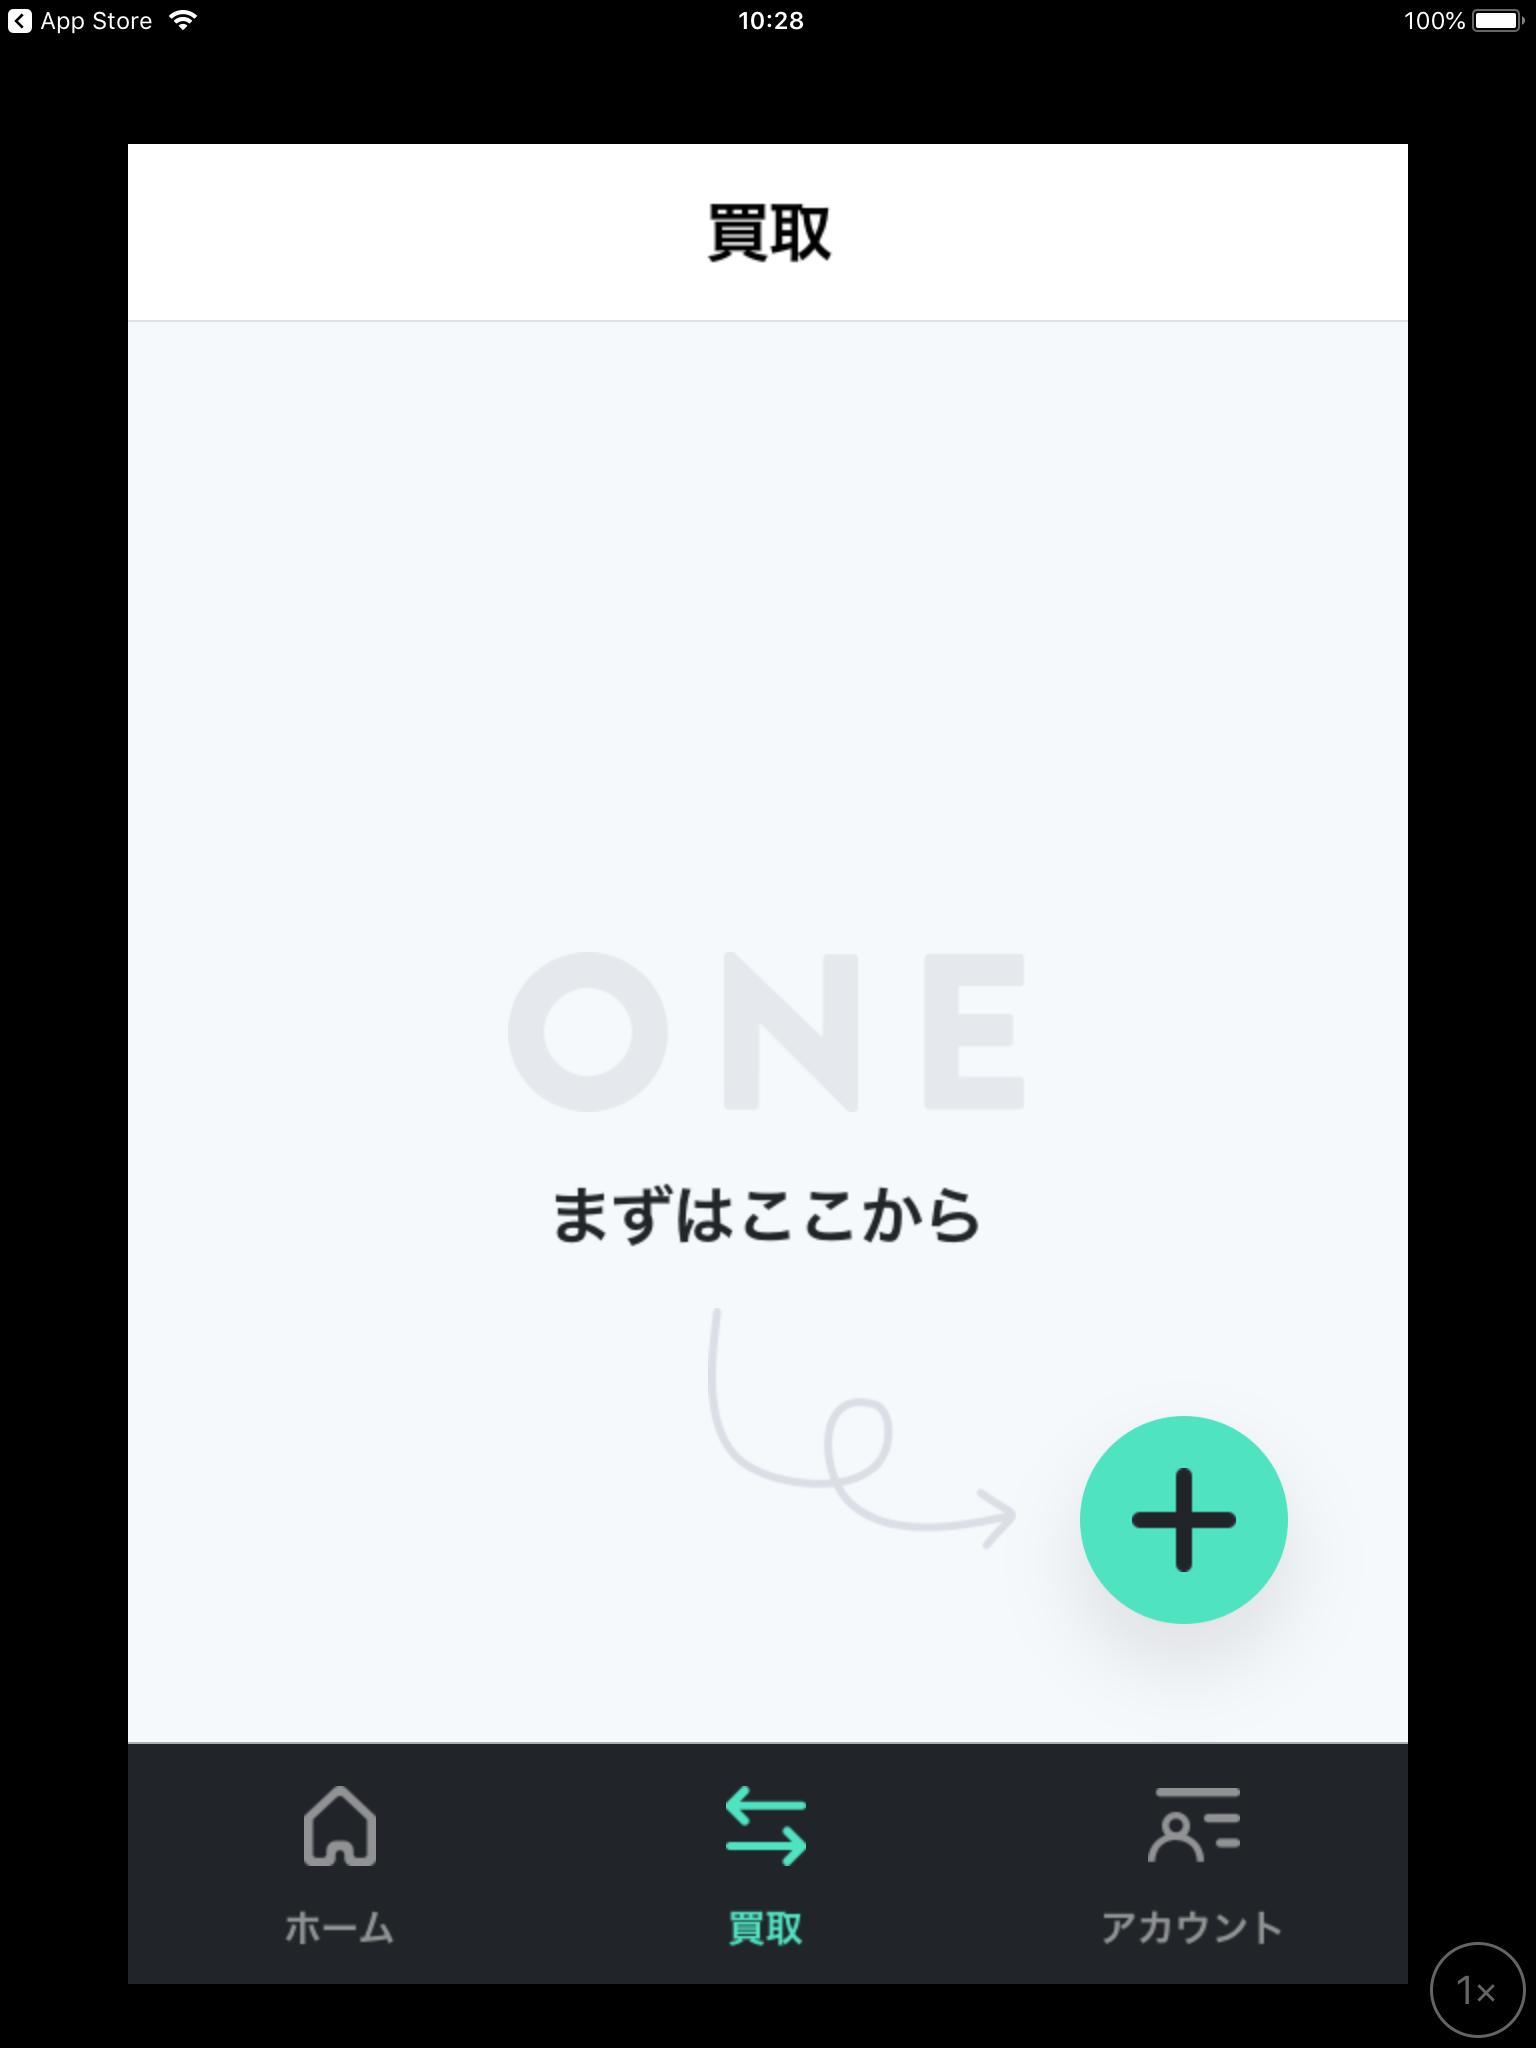 「買取」の「+」ボタンを押してレシートを10円にする作業の開始です